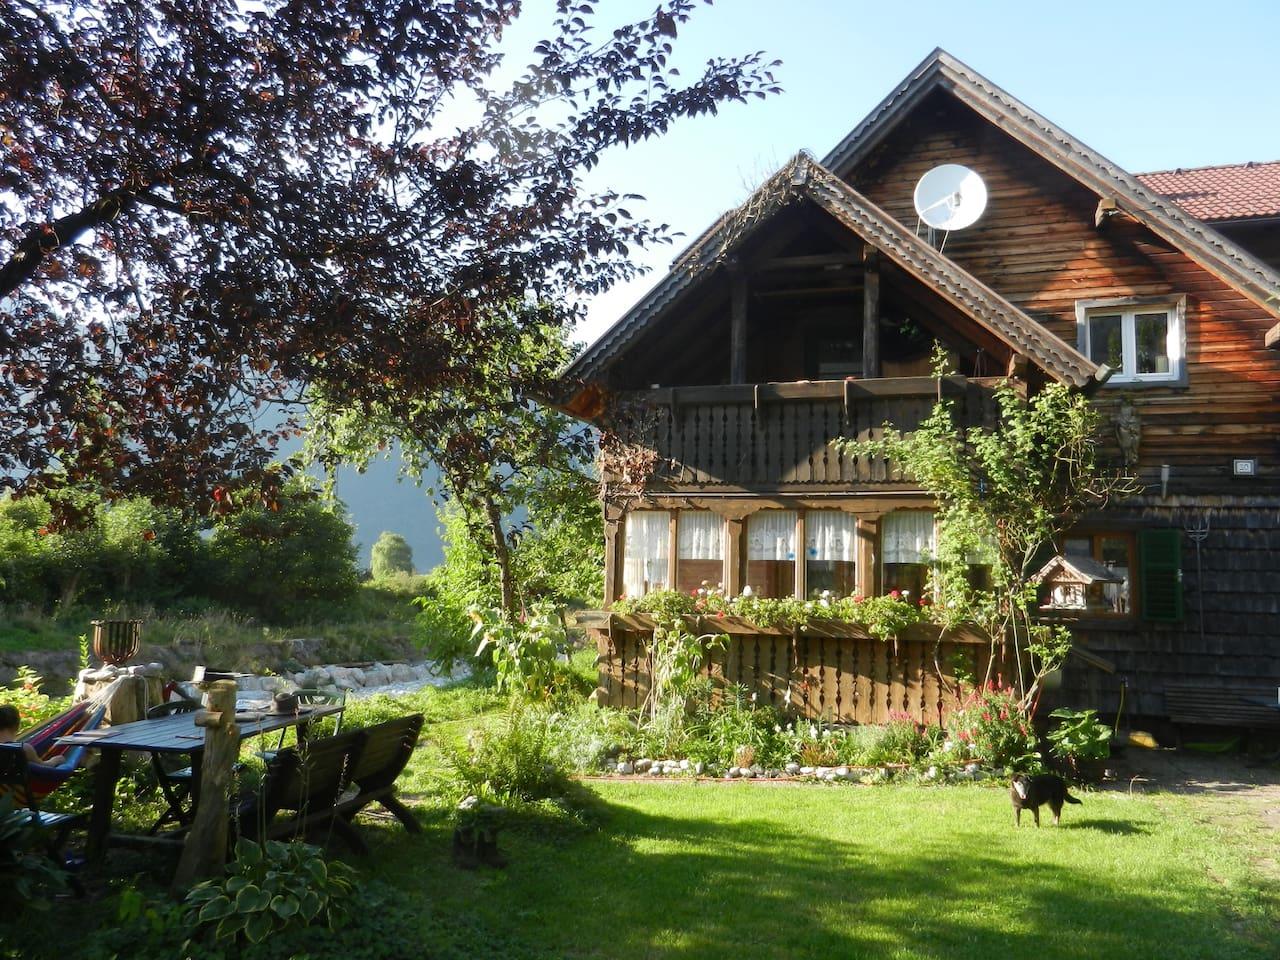 Rustikales Holzhaus mit Garten und Grillmöglichkeit neben einem kleinen Bach.